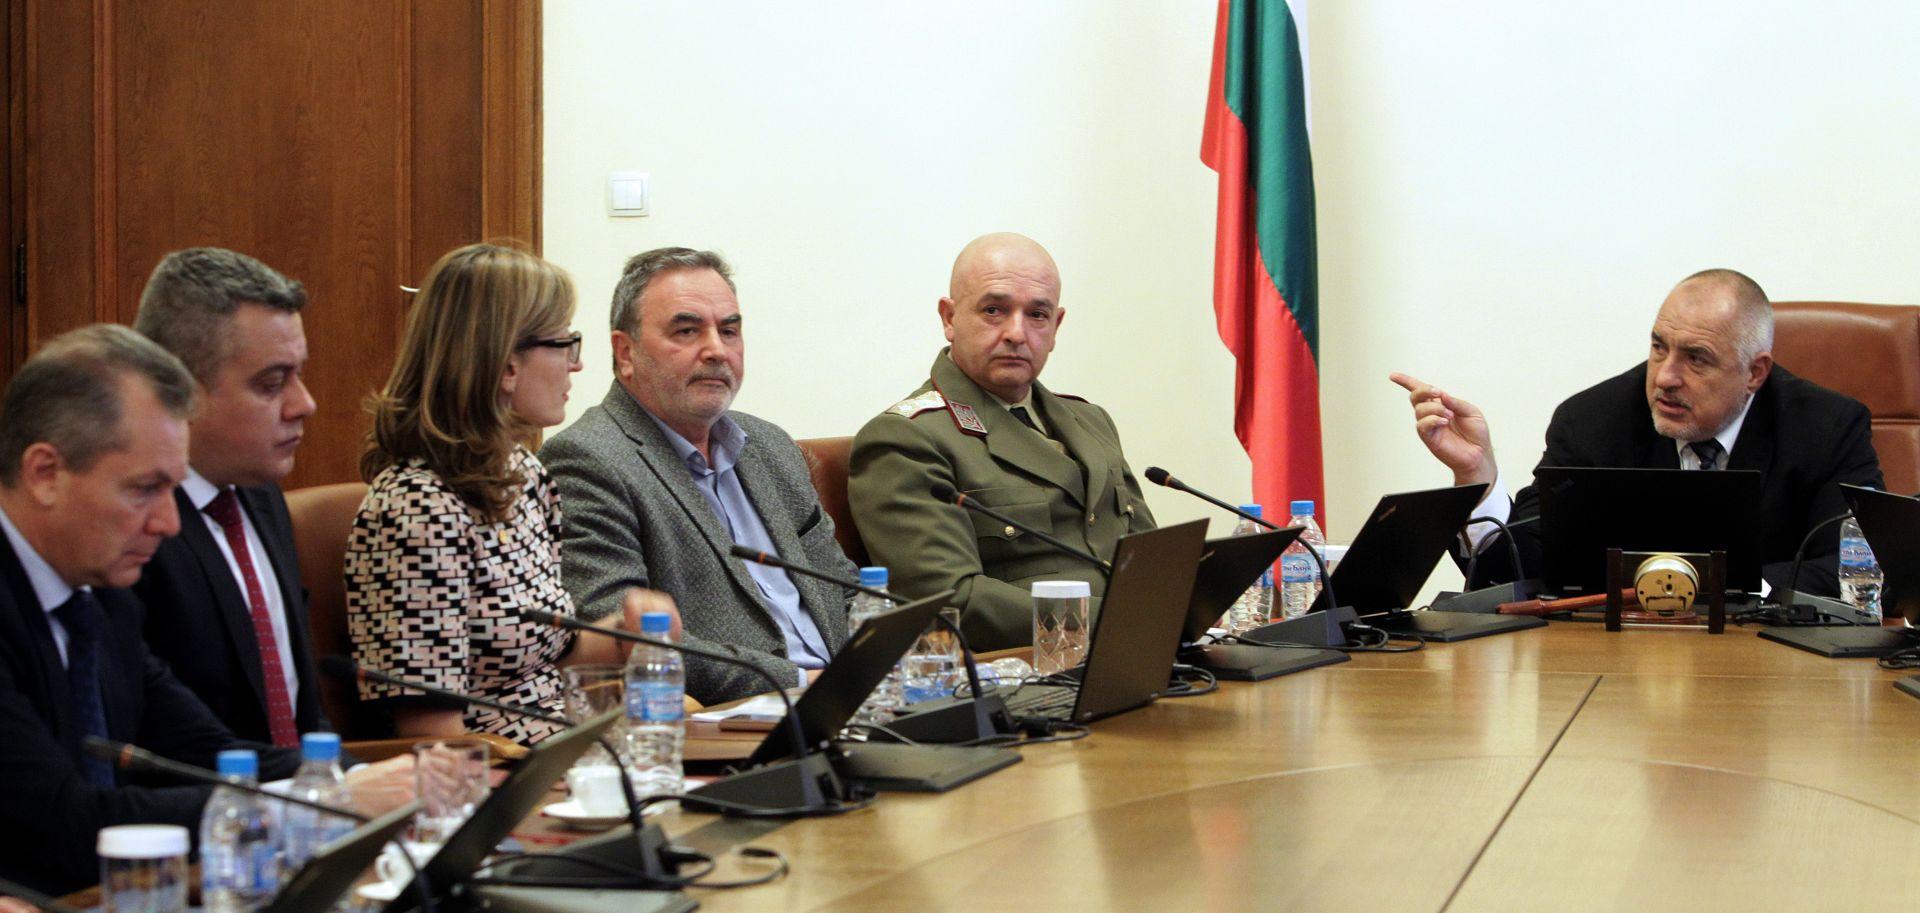 Шефът на ВМА генерал-майор д-р Венцислав Мутафчийски и главният здравен инспектор д-р Ангел Кунчев участваха в заседанието